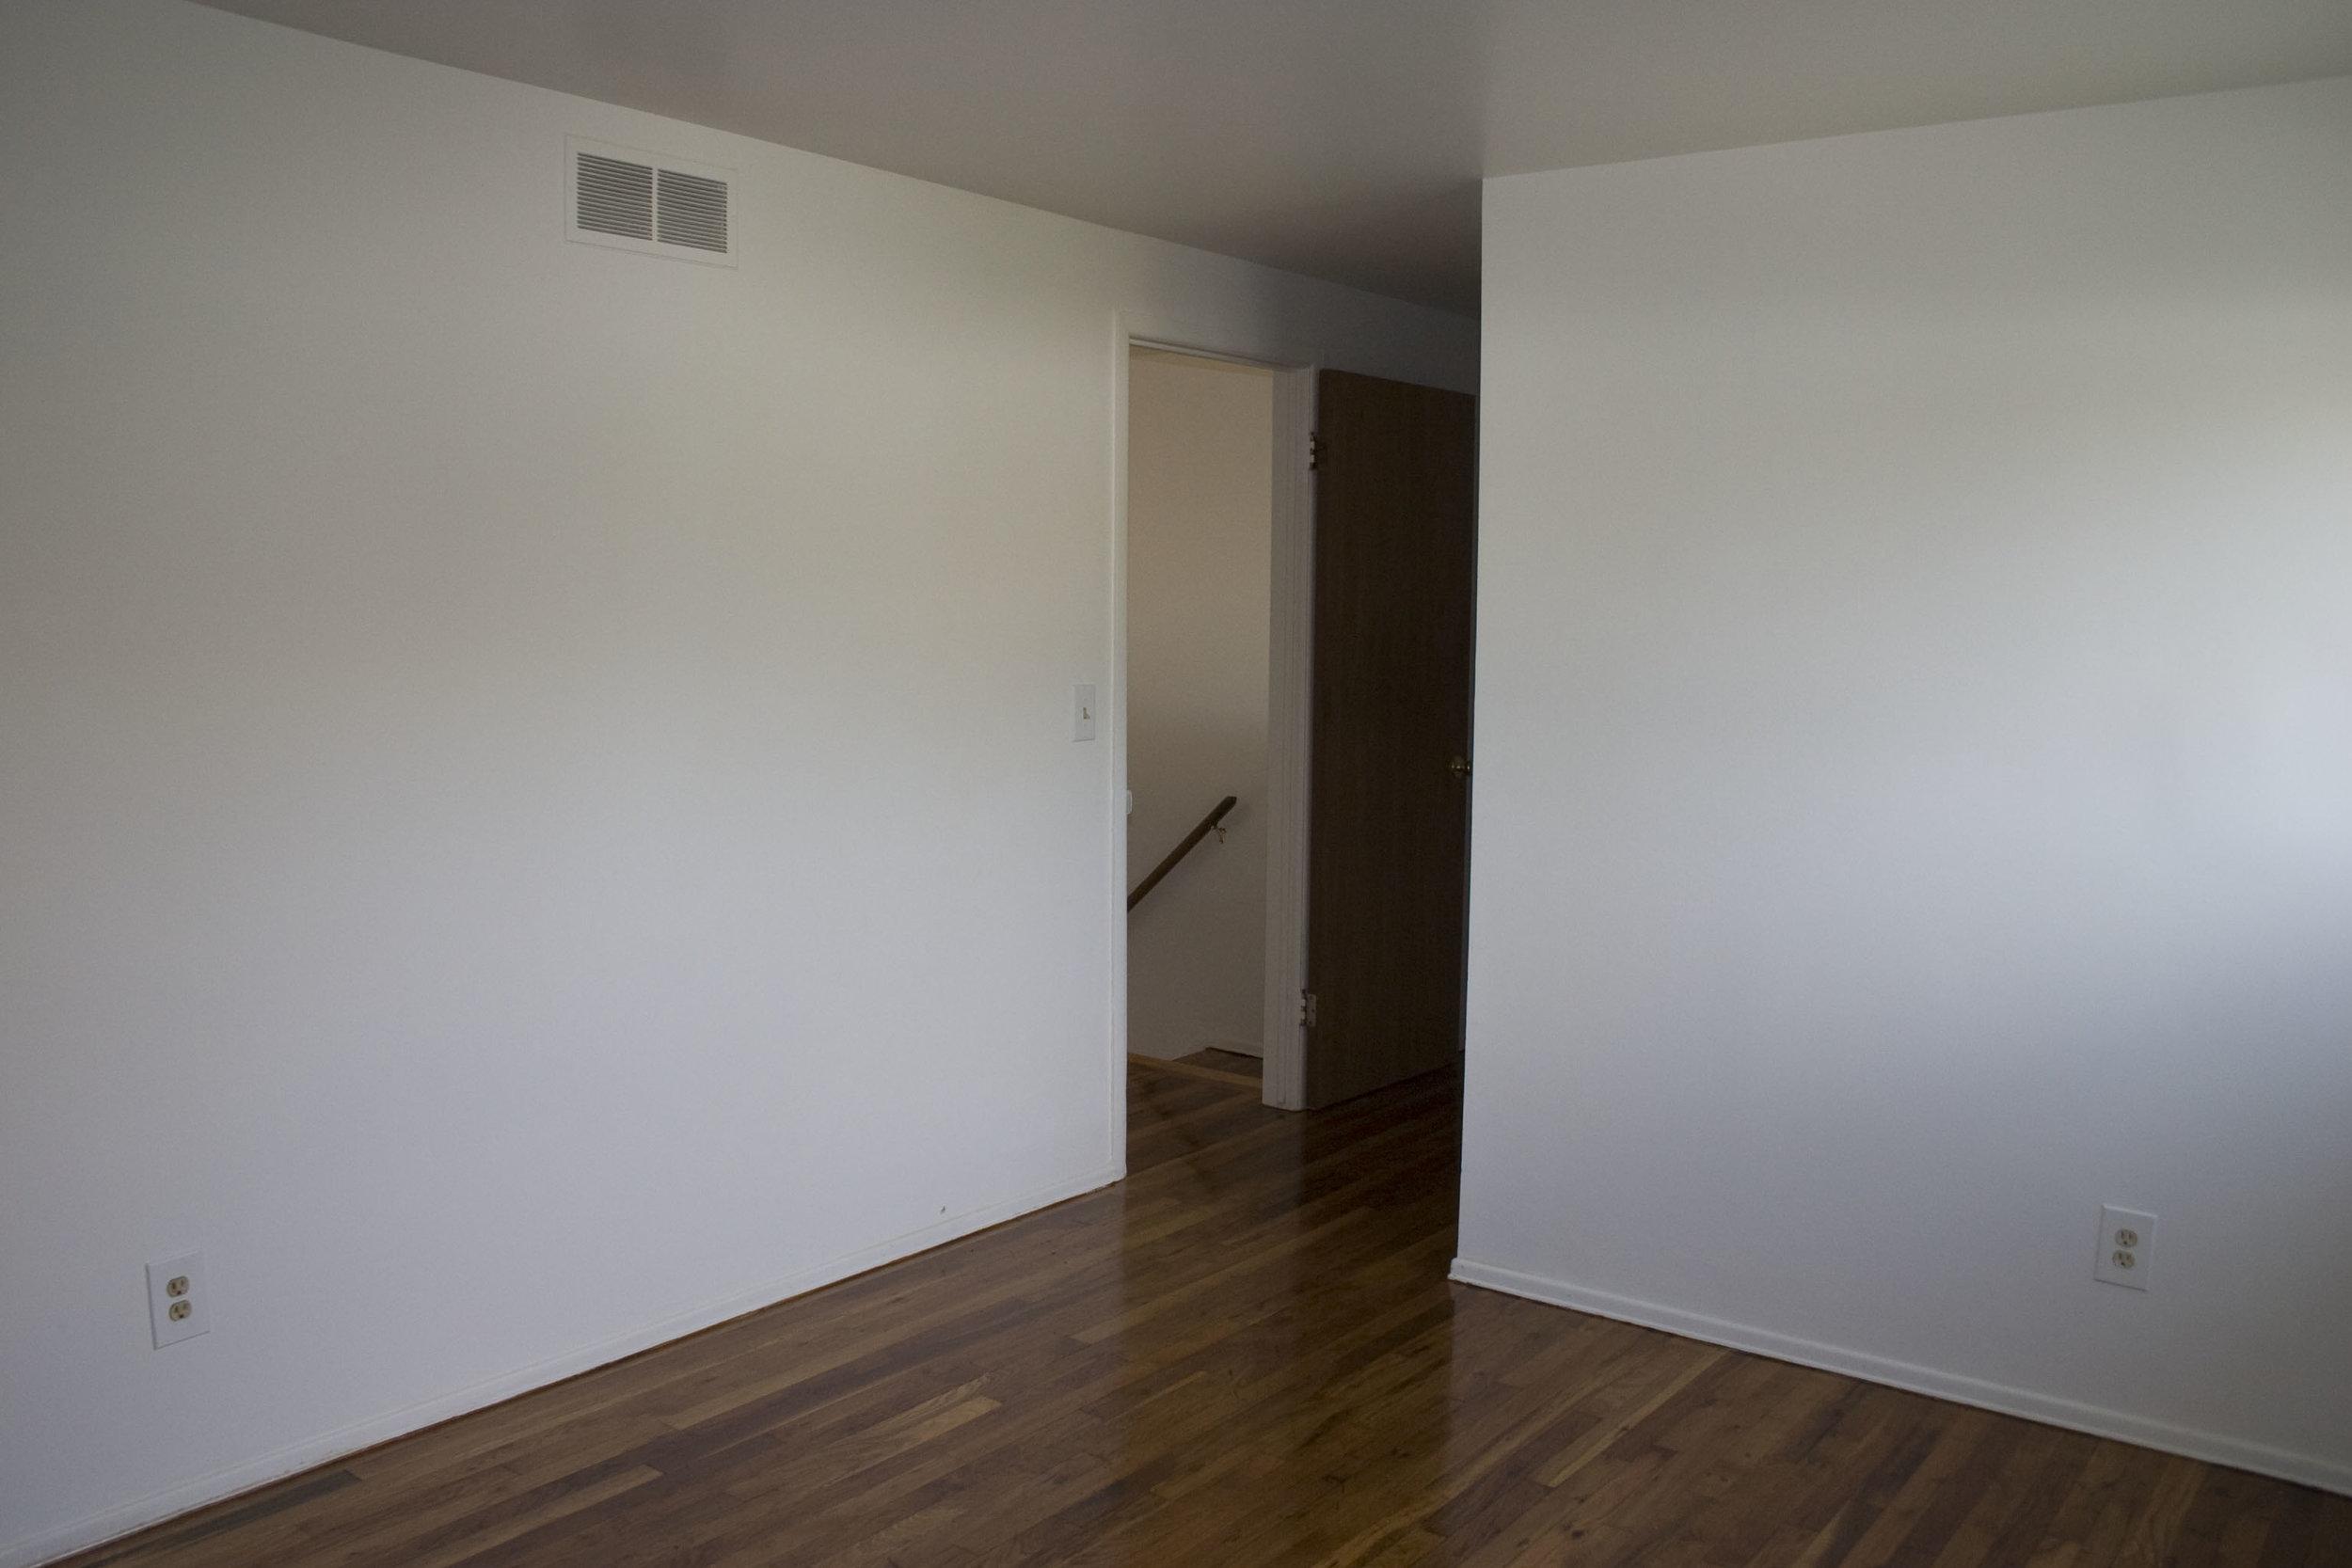 2-bedroom master bedroom